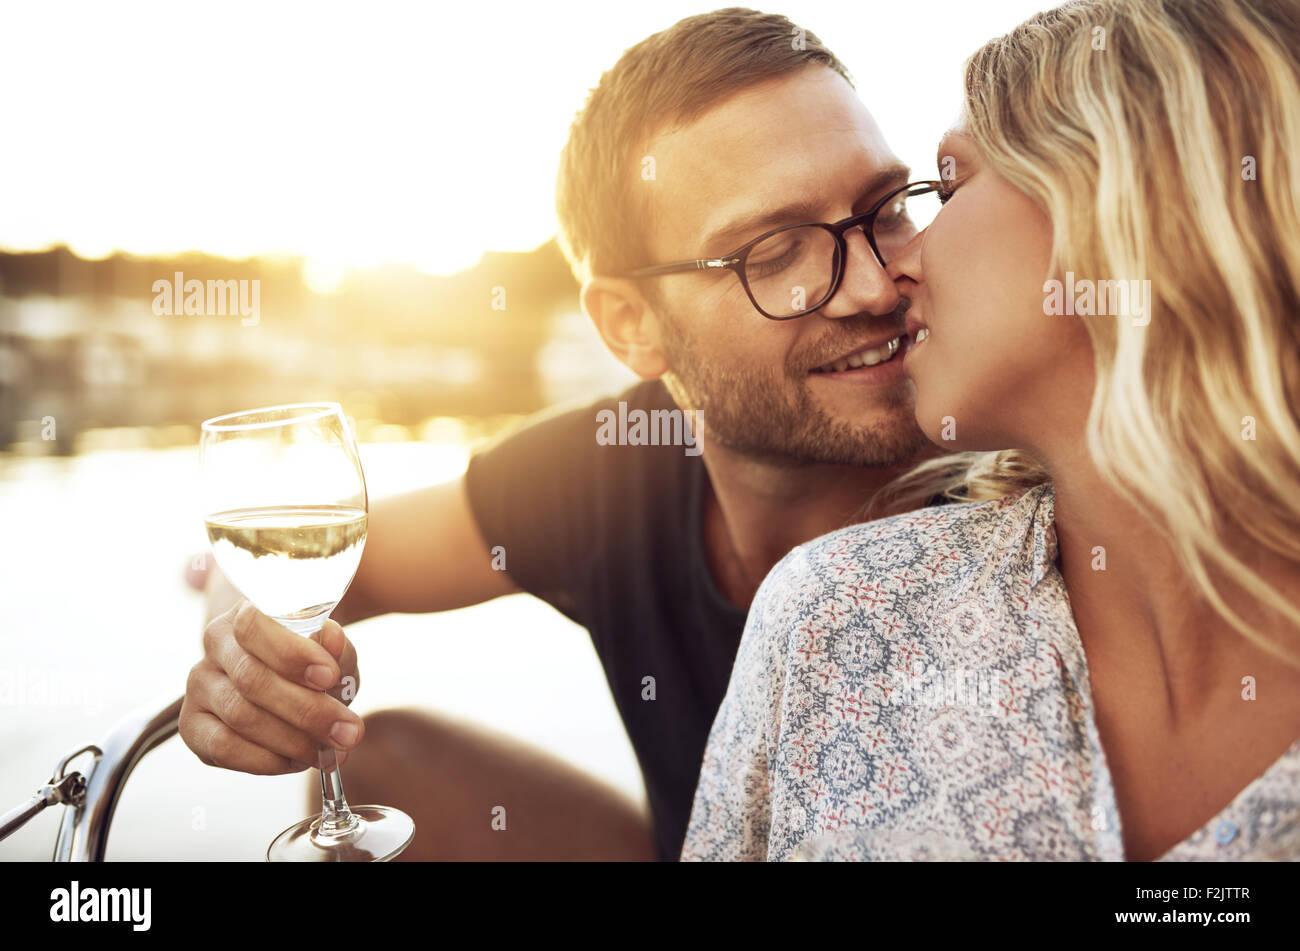 Couple Kissing doucement en buvant un verre de vin Banque D'Images